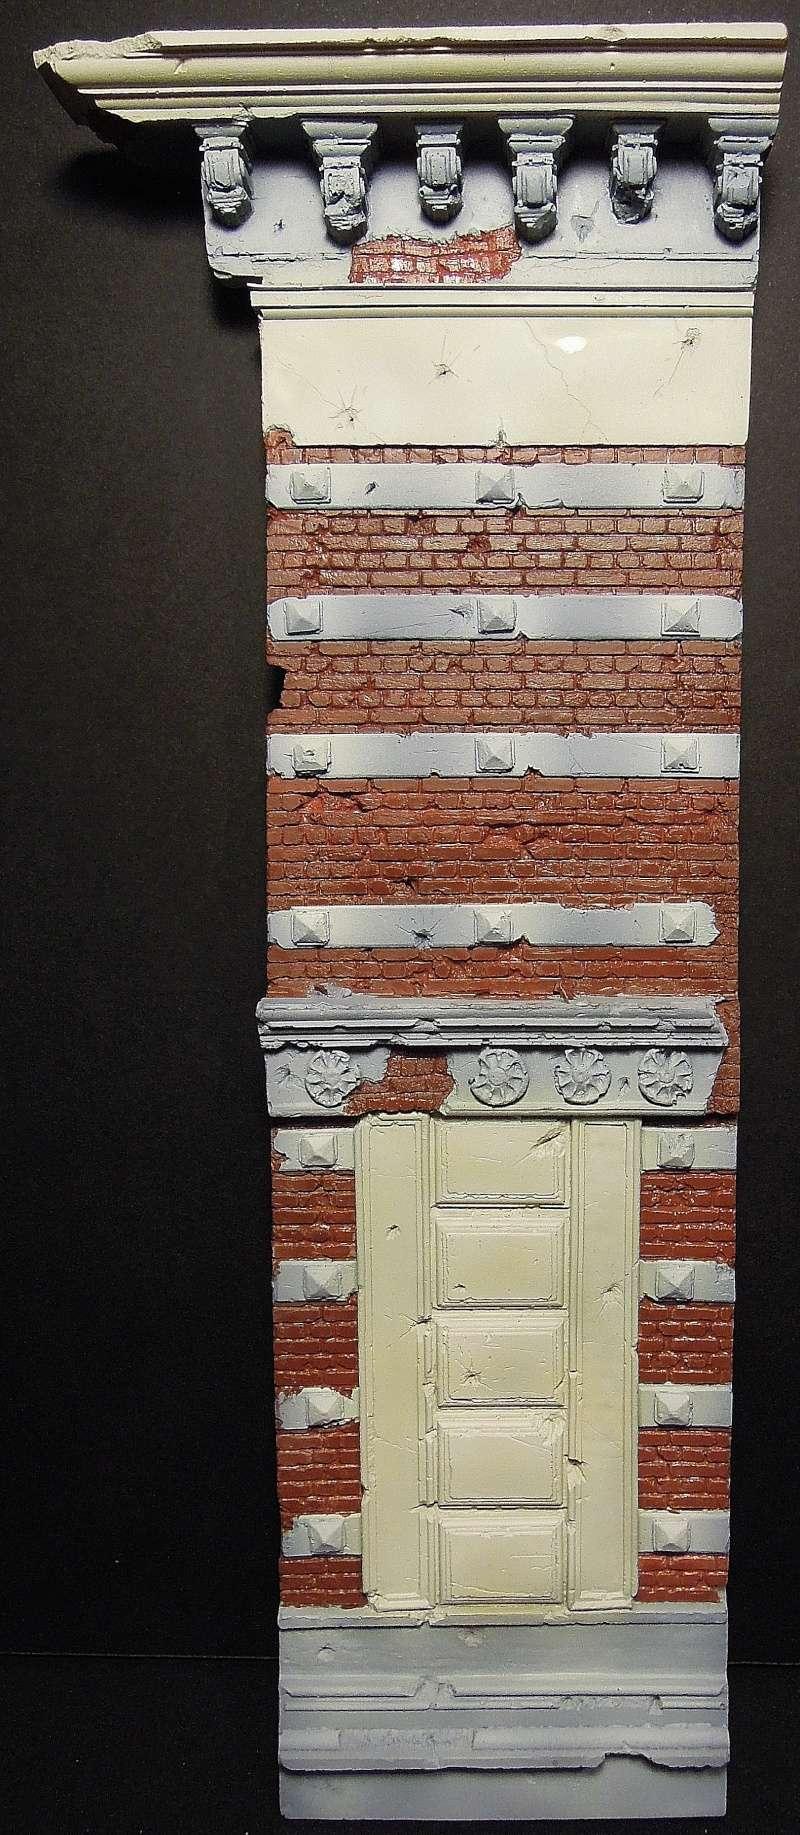 nouvelle façade berlinoise scratch intégral - Page 14 Dscn5521